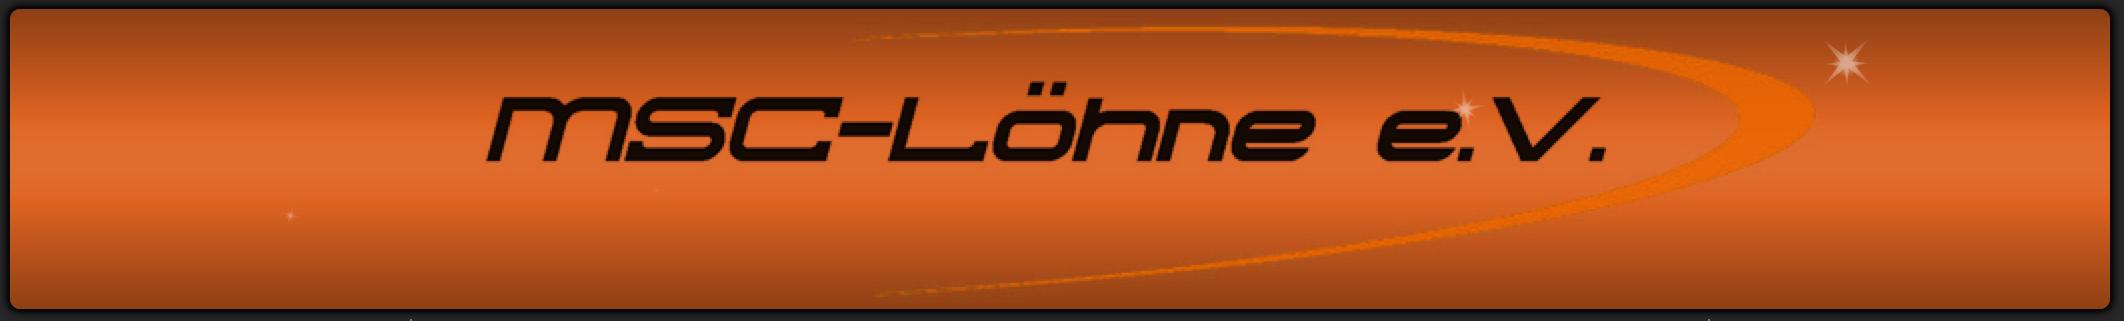 Motor Sport Club-Löhne e.V.